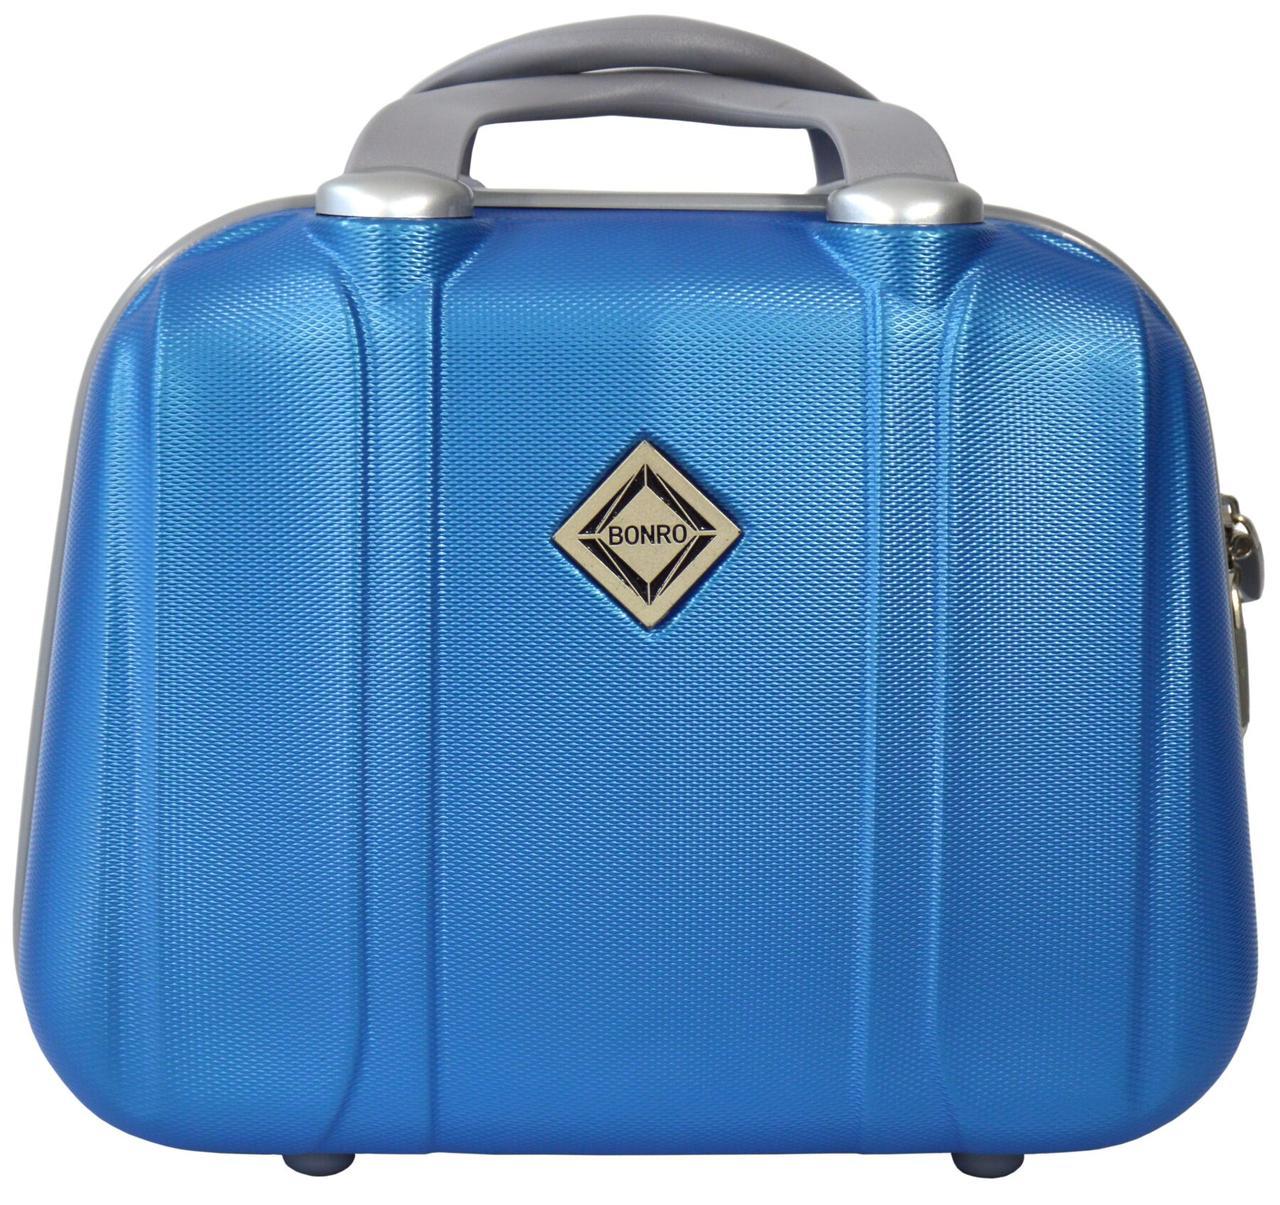 Кейс дорожный Bonro Smile большой голубой (10091608)